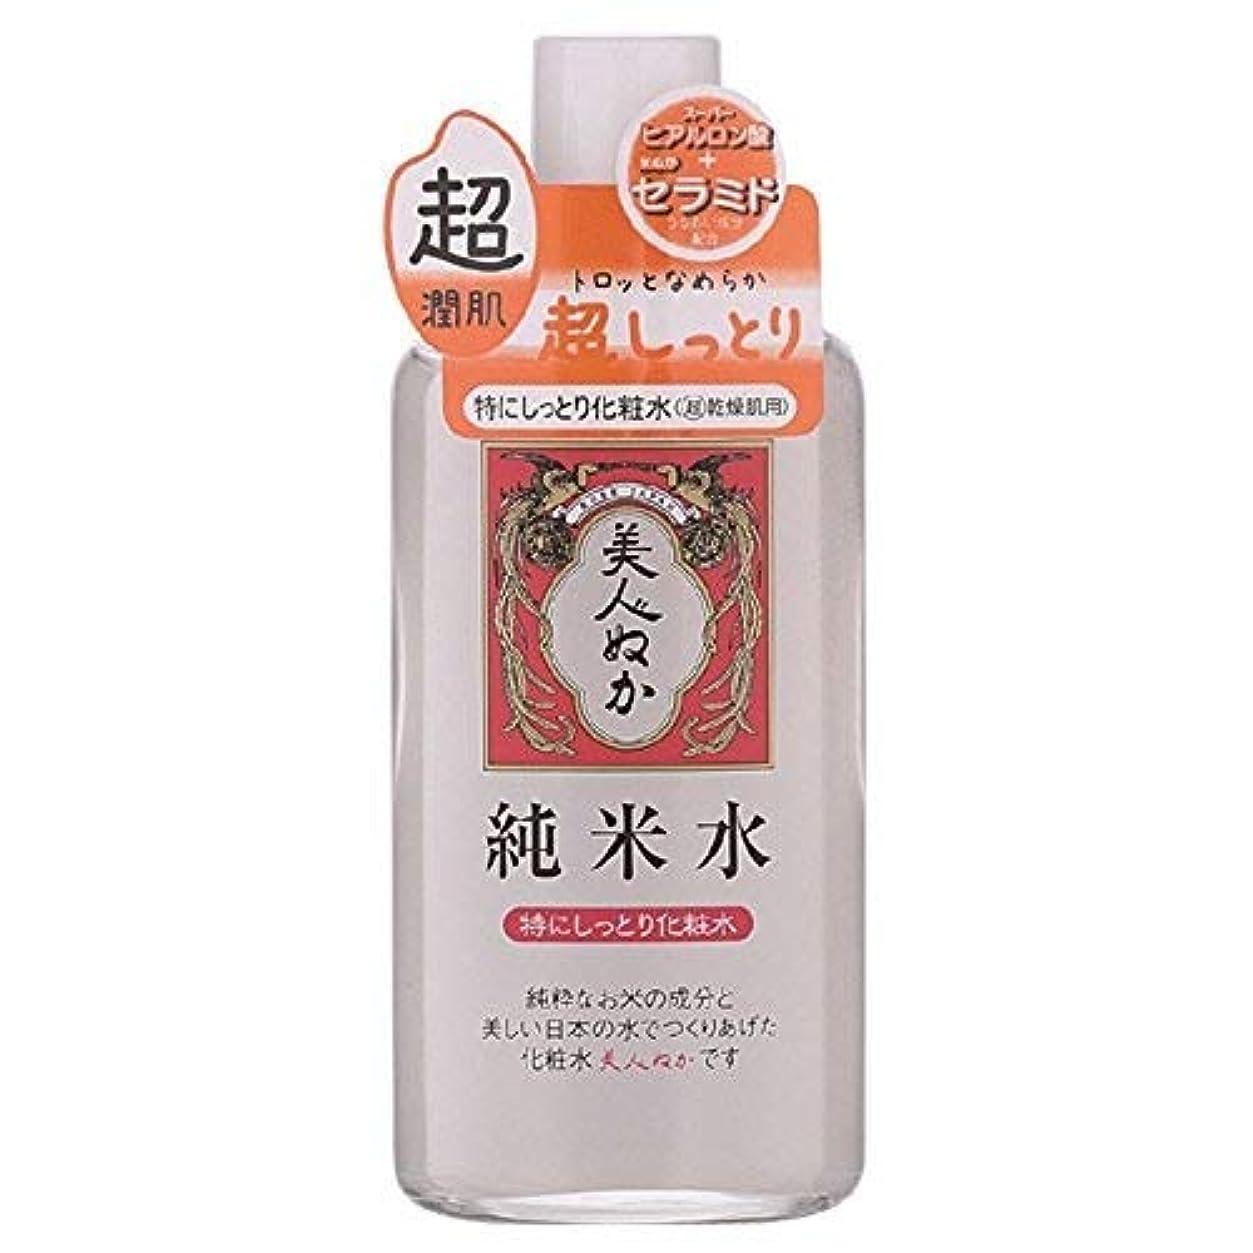 アミューズマスタード犯罪純米水 特にしっとり化粧水 × 3個セット